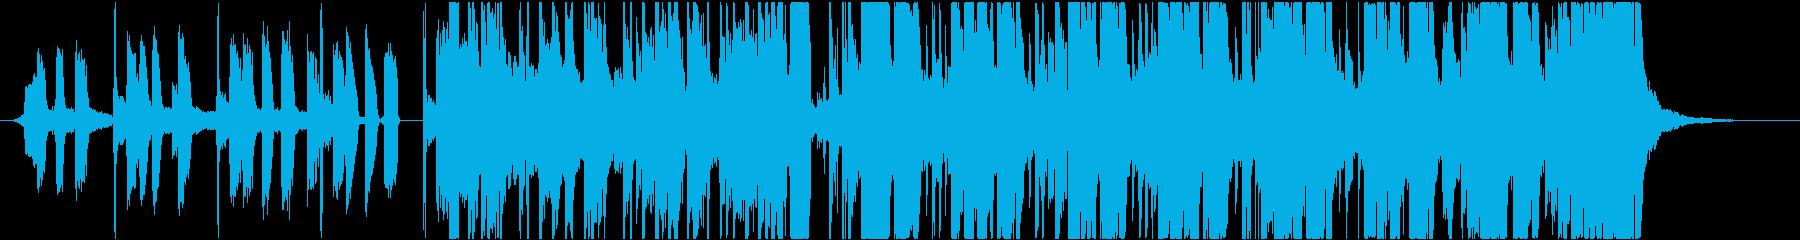 ハウス ダンス プログレッシブ フ...の再生済みの波形